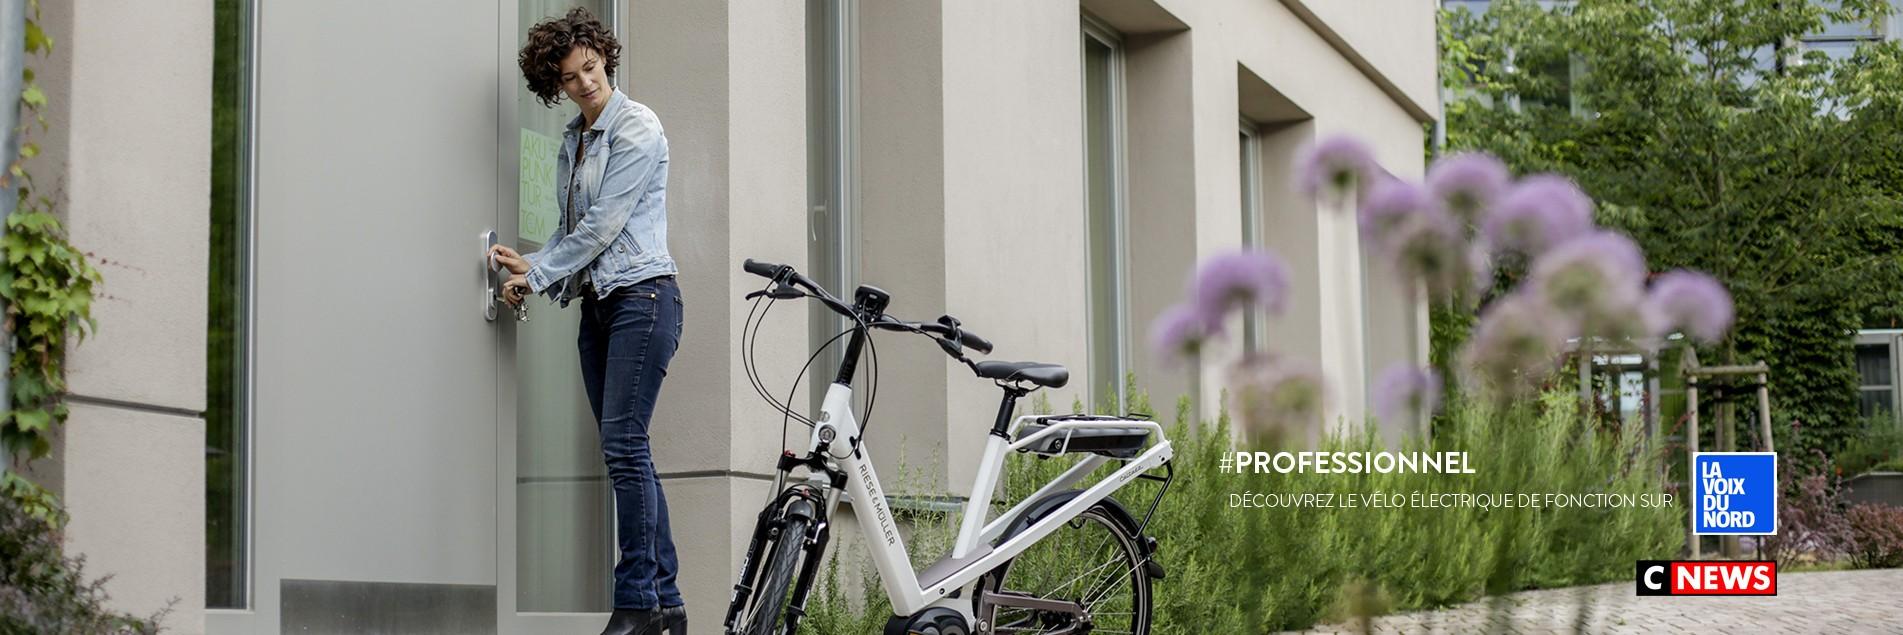 Le vélo électrique de fonction